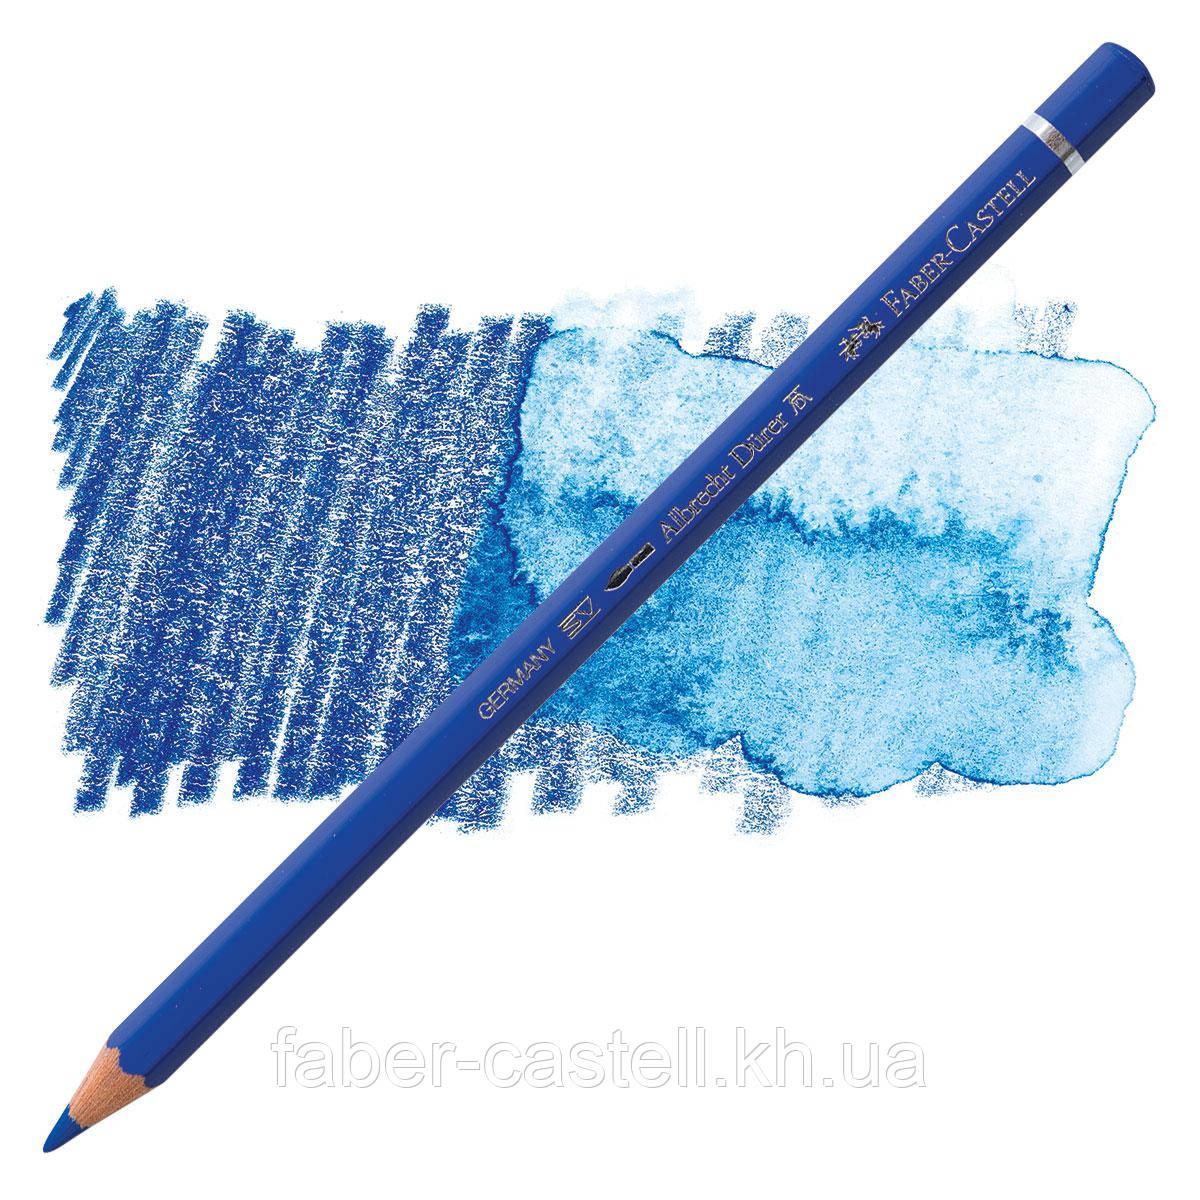 Карандаш акварельный цветной Faber-Castell Albrecht Dürer кобальтовая синь  ( Cobalt Blue )  № 143, 117643